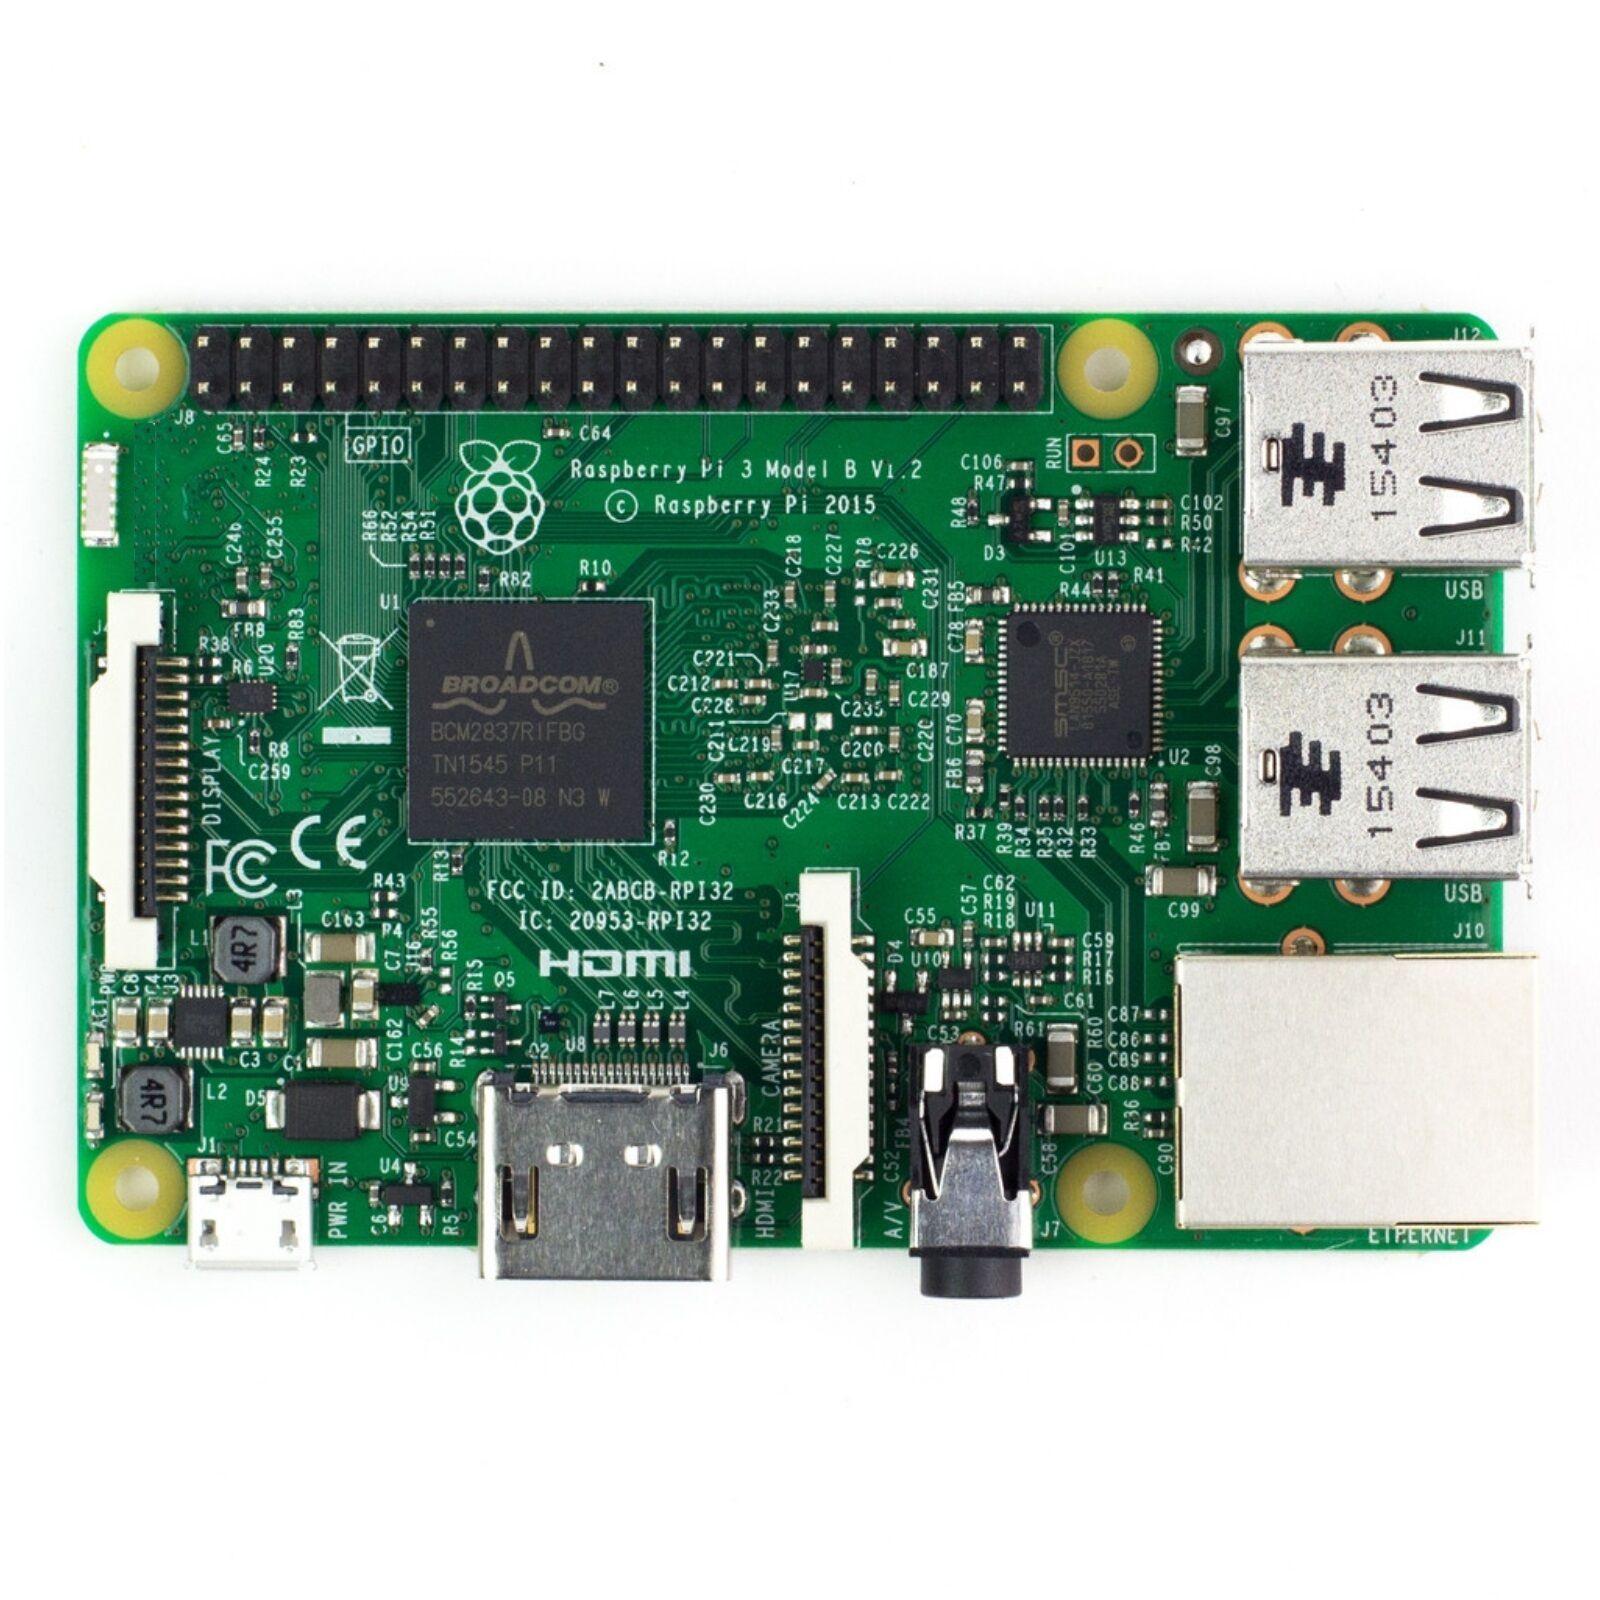 Raspberry Pi 3 Model B E14 Quad Core Bluetooth 4.1 WiFi 1.2GHz 64bit CPU 1GB RAM